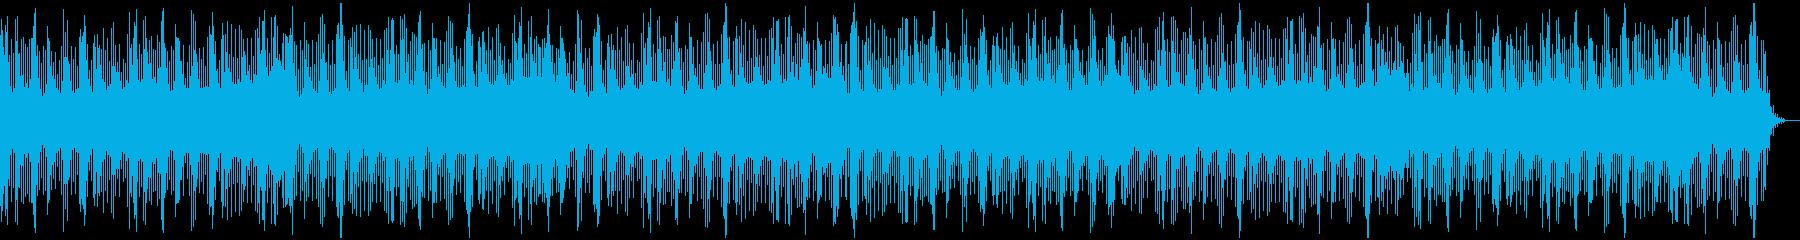 可愛らしくてリラックスできるオルゴールの再生済みの波形